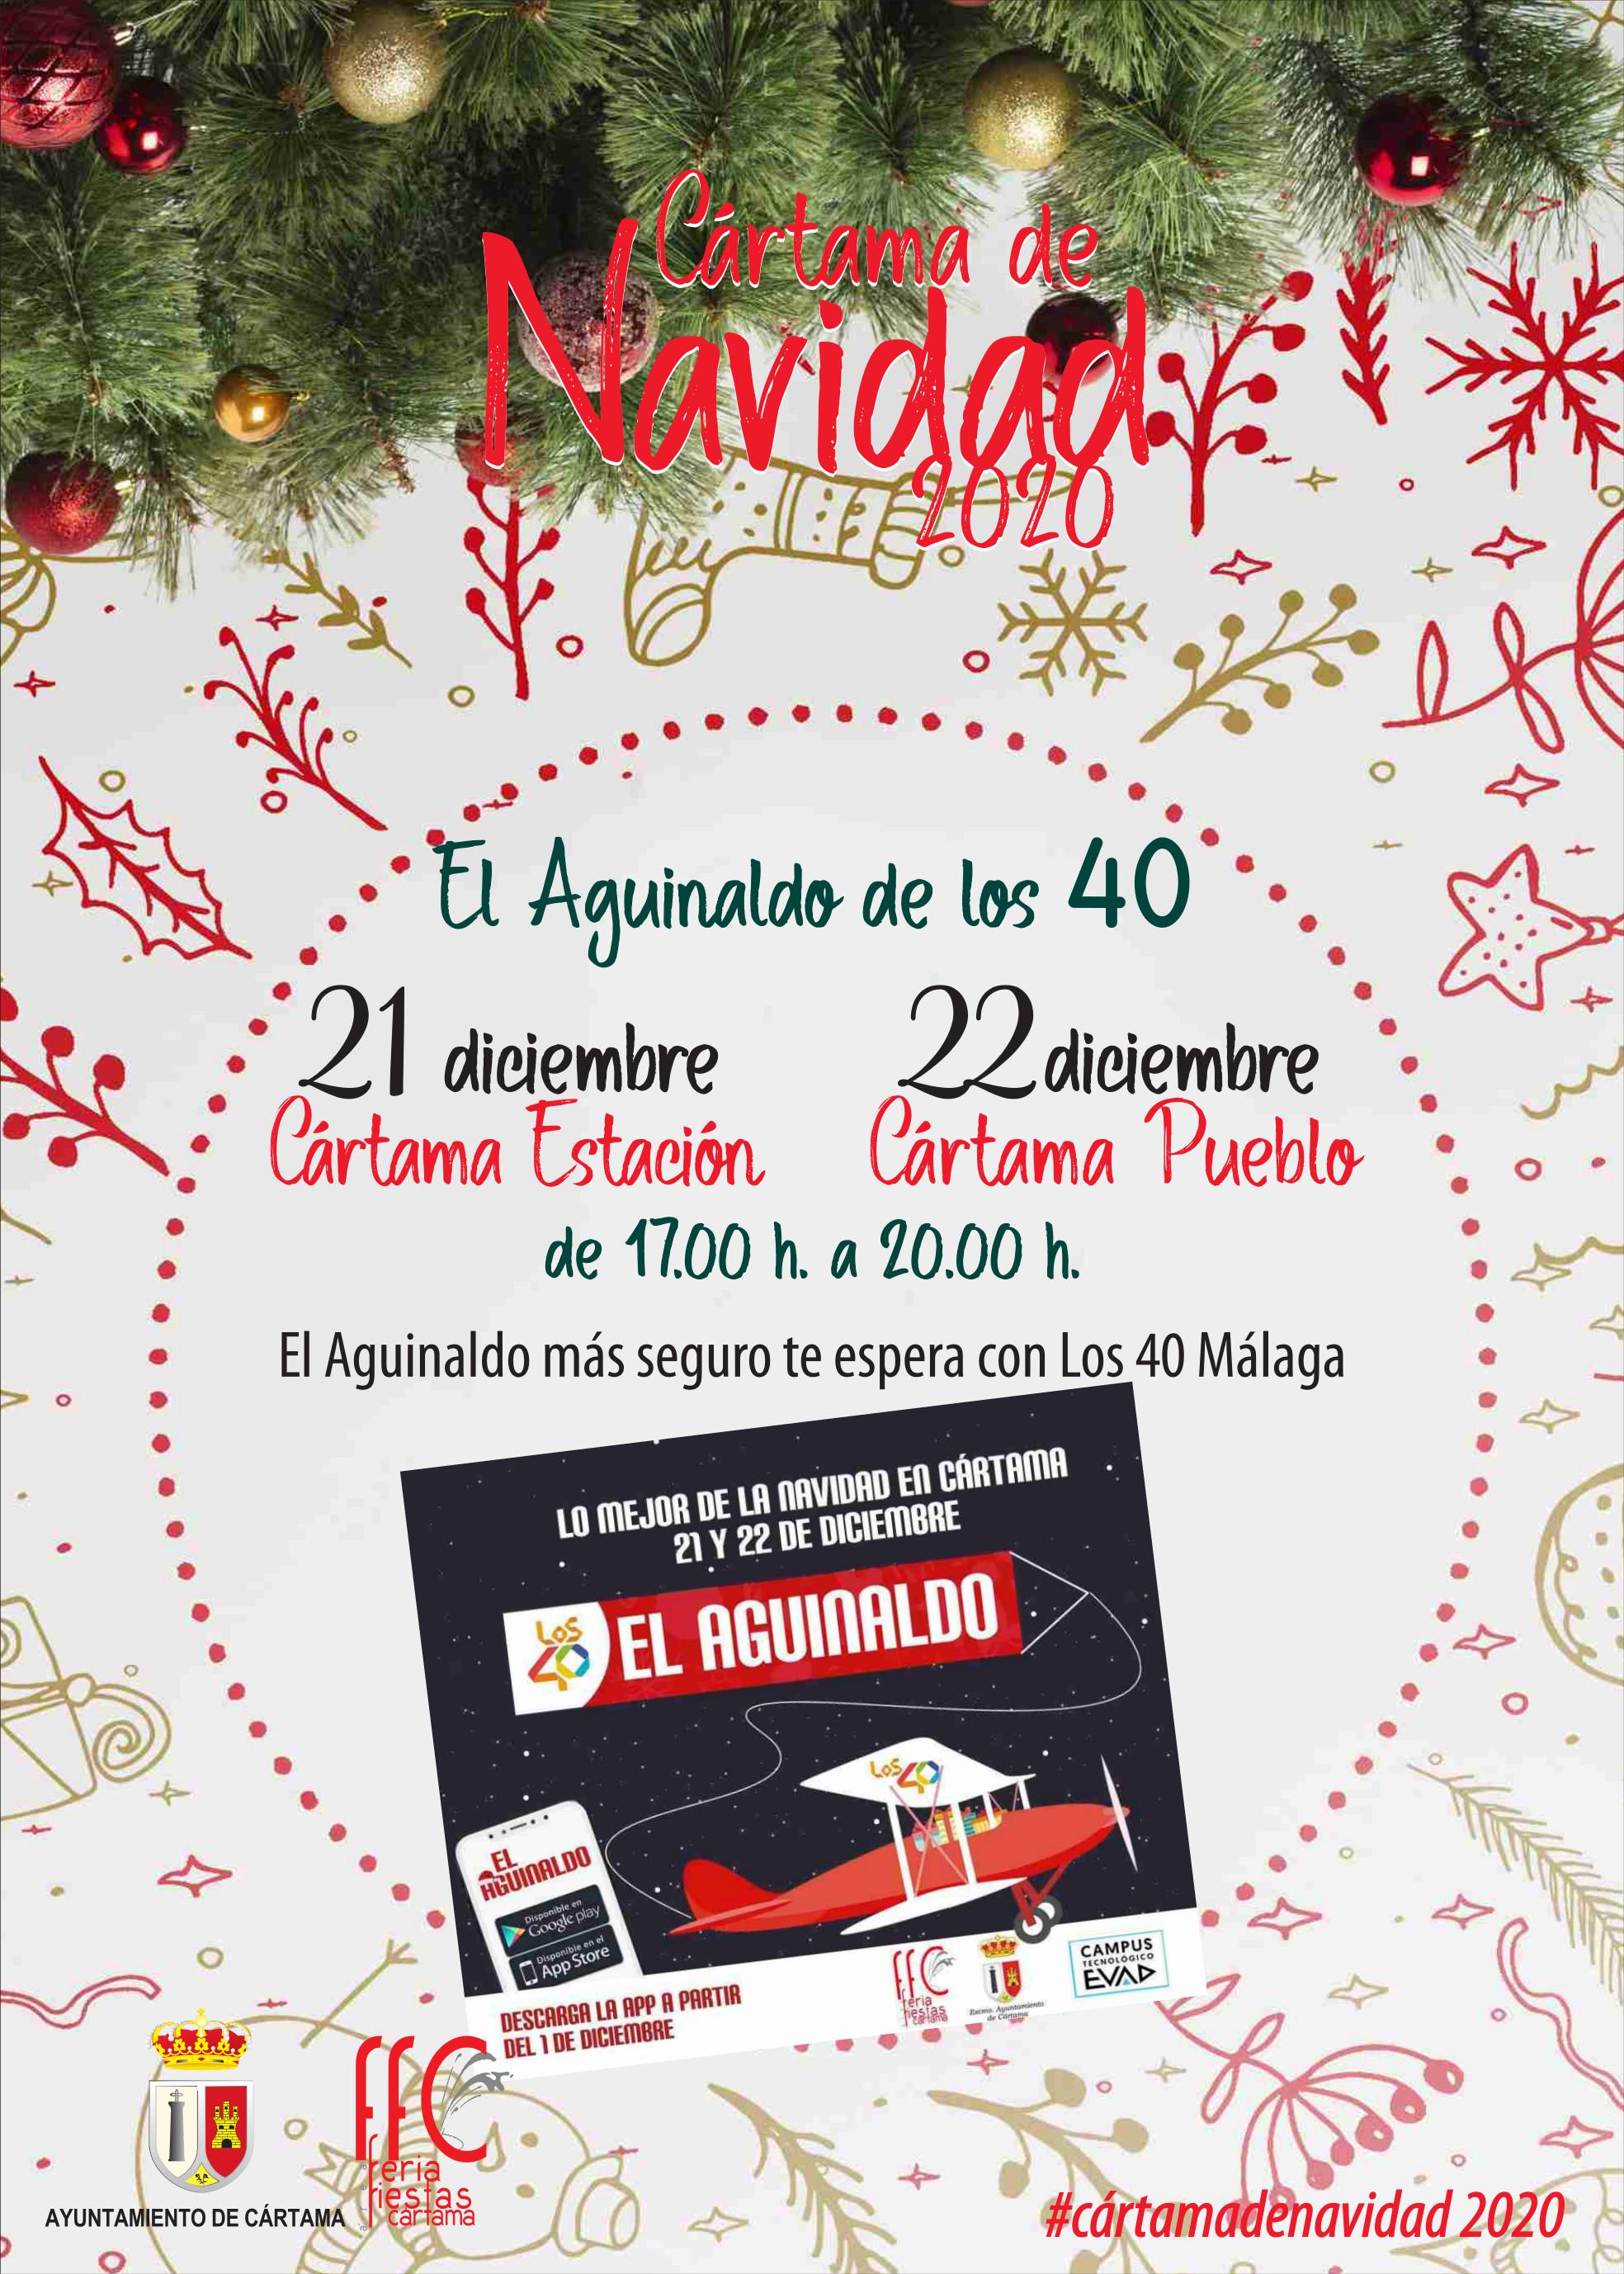 agenda-de-navidad-cartama-2020-3